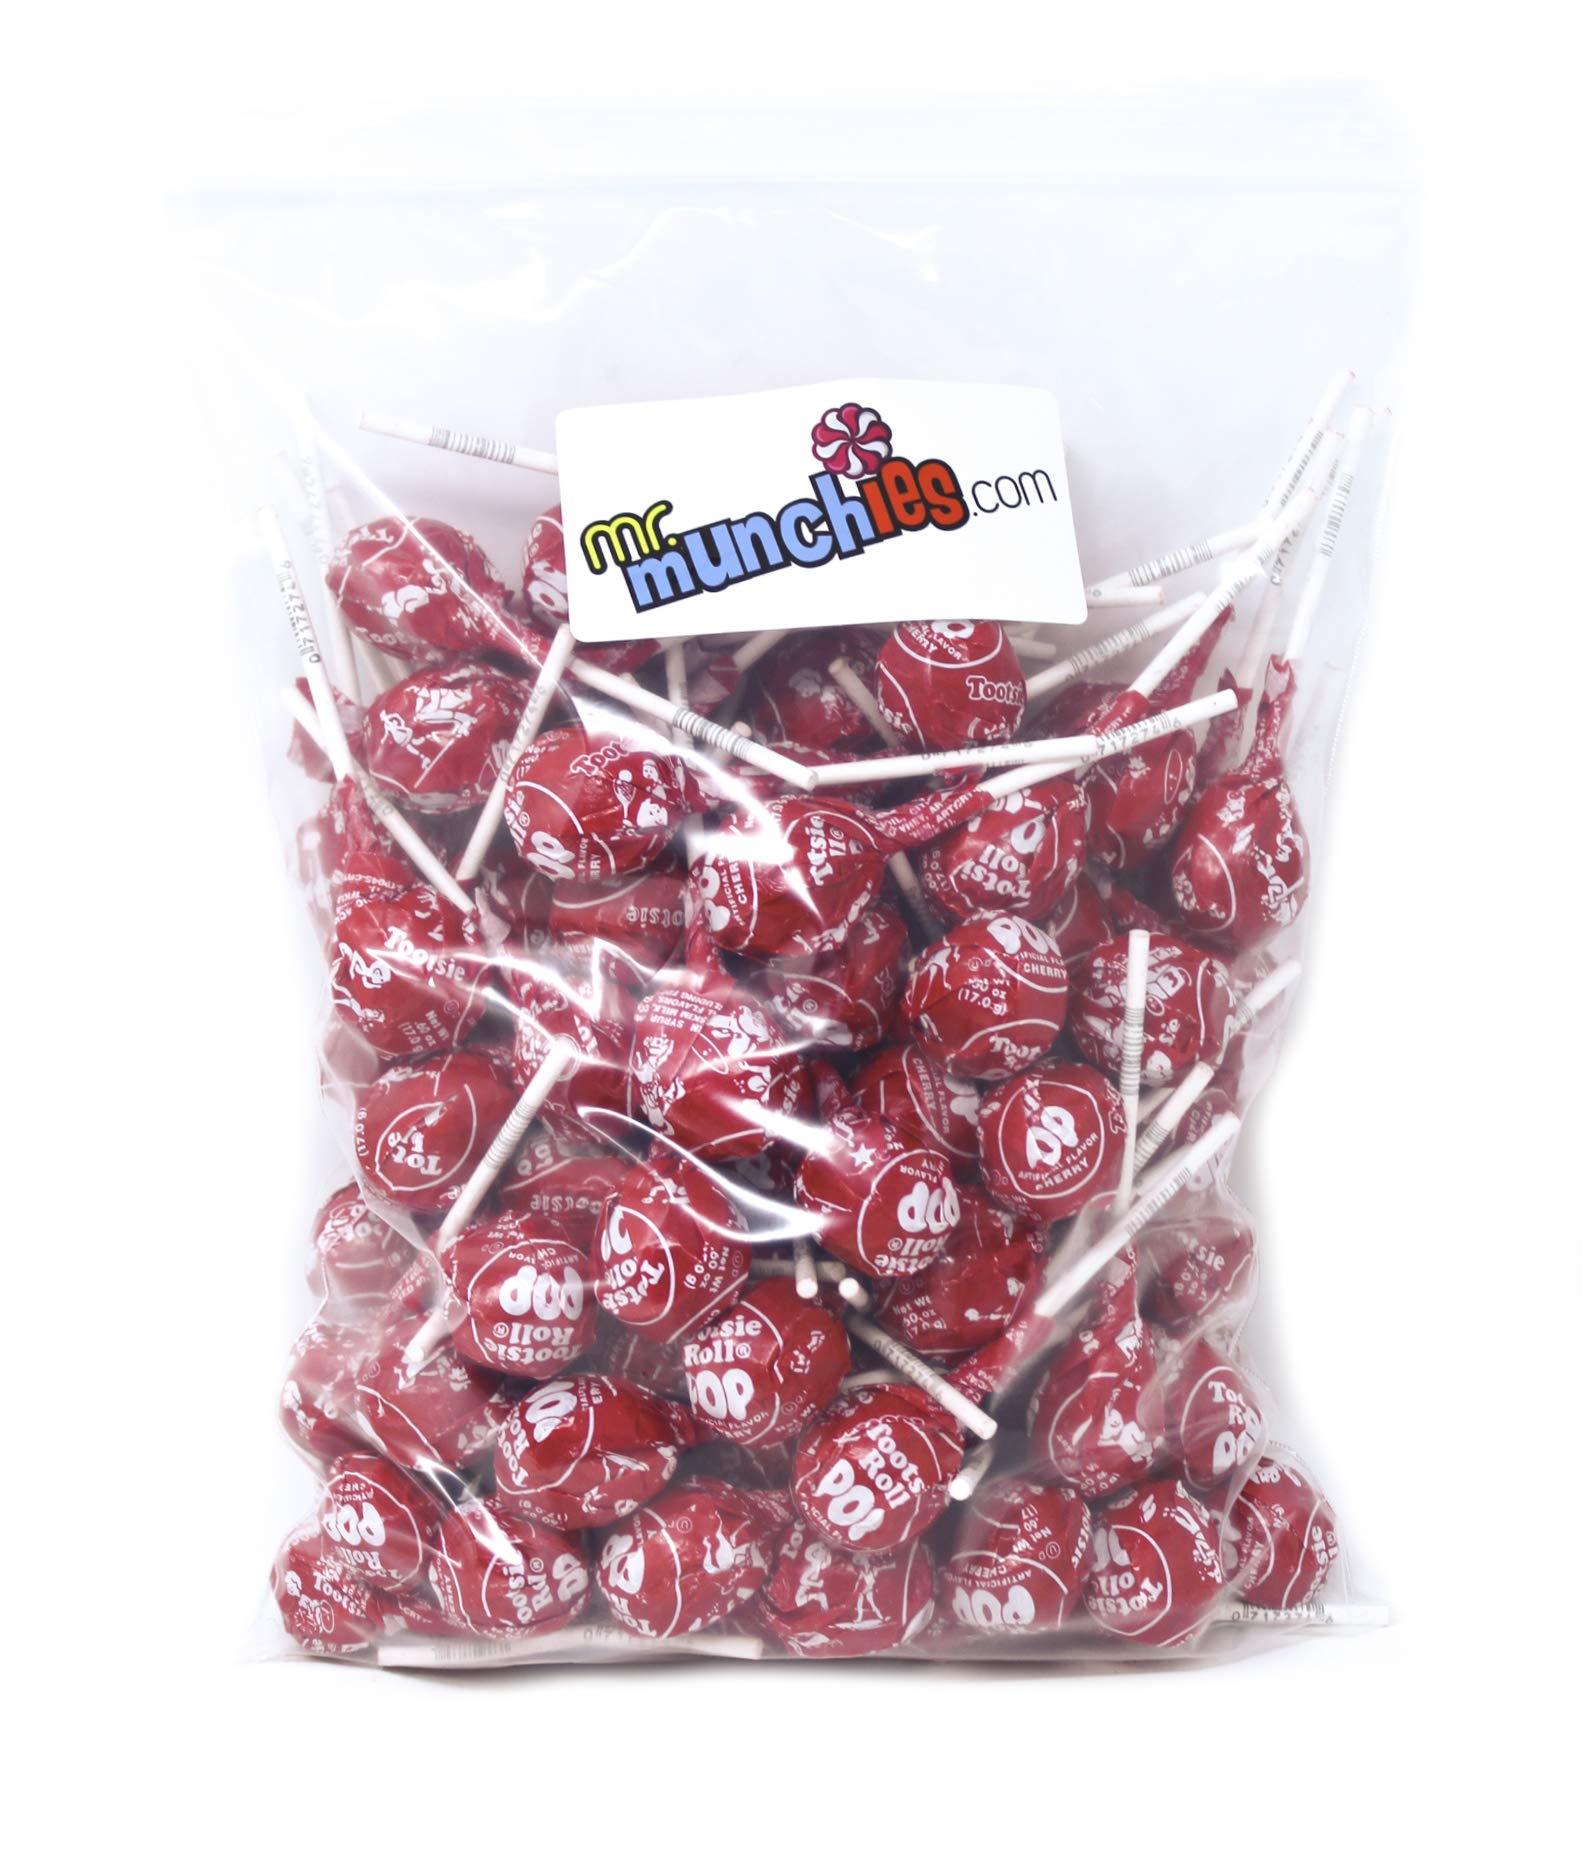 Amazon.com : Tootsie Pops, Red Raspberry Flavor, 100 ...  Red Tootsie Pop